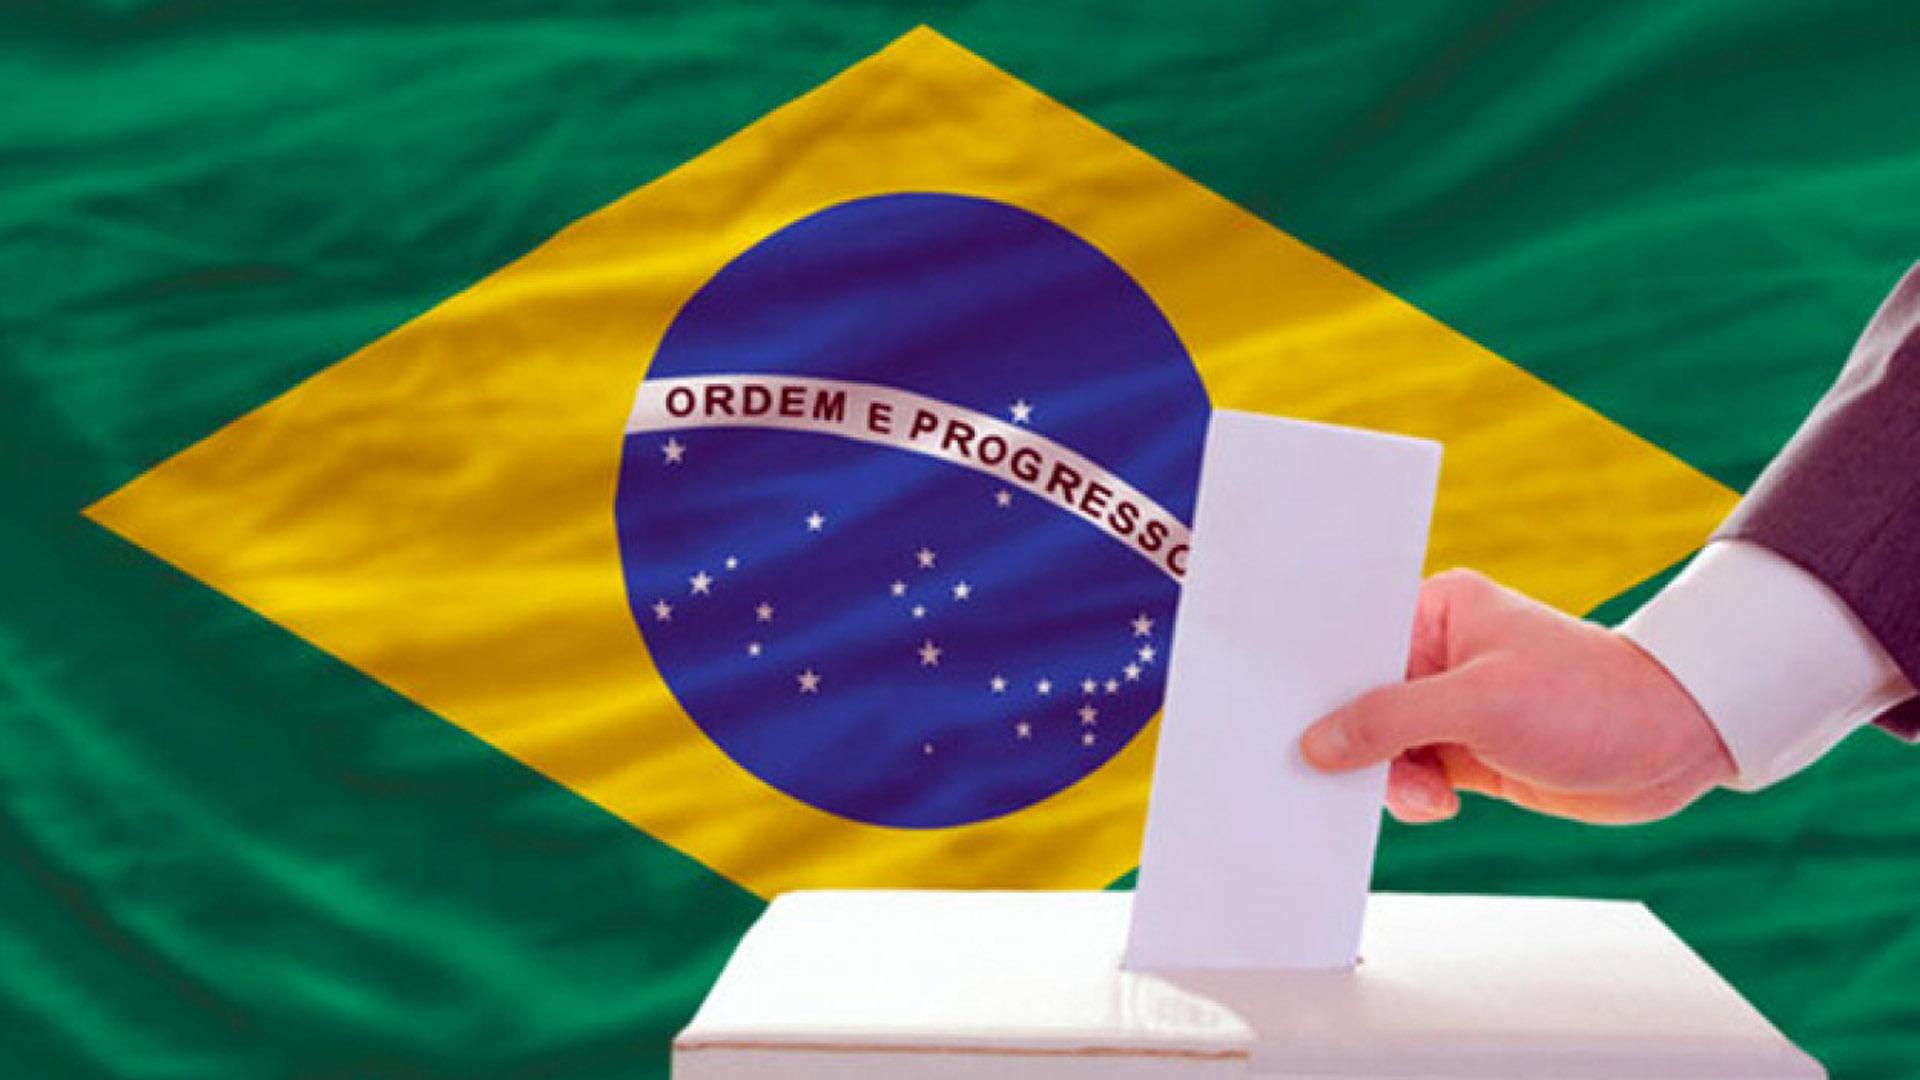 Tras celebrarse las primeras elecciones en Brasil luego de la salido de Rousseff, el PT perdió en las ciudades consideradas izquierdistas